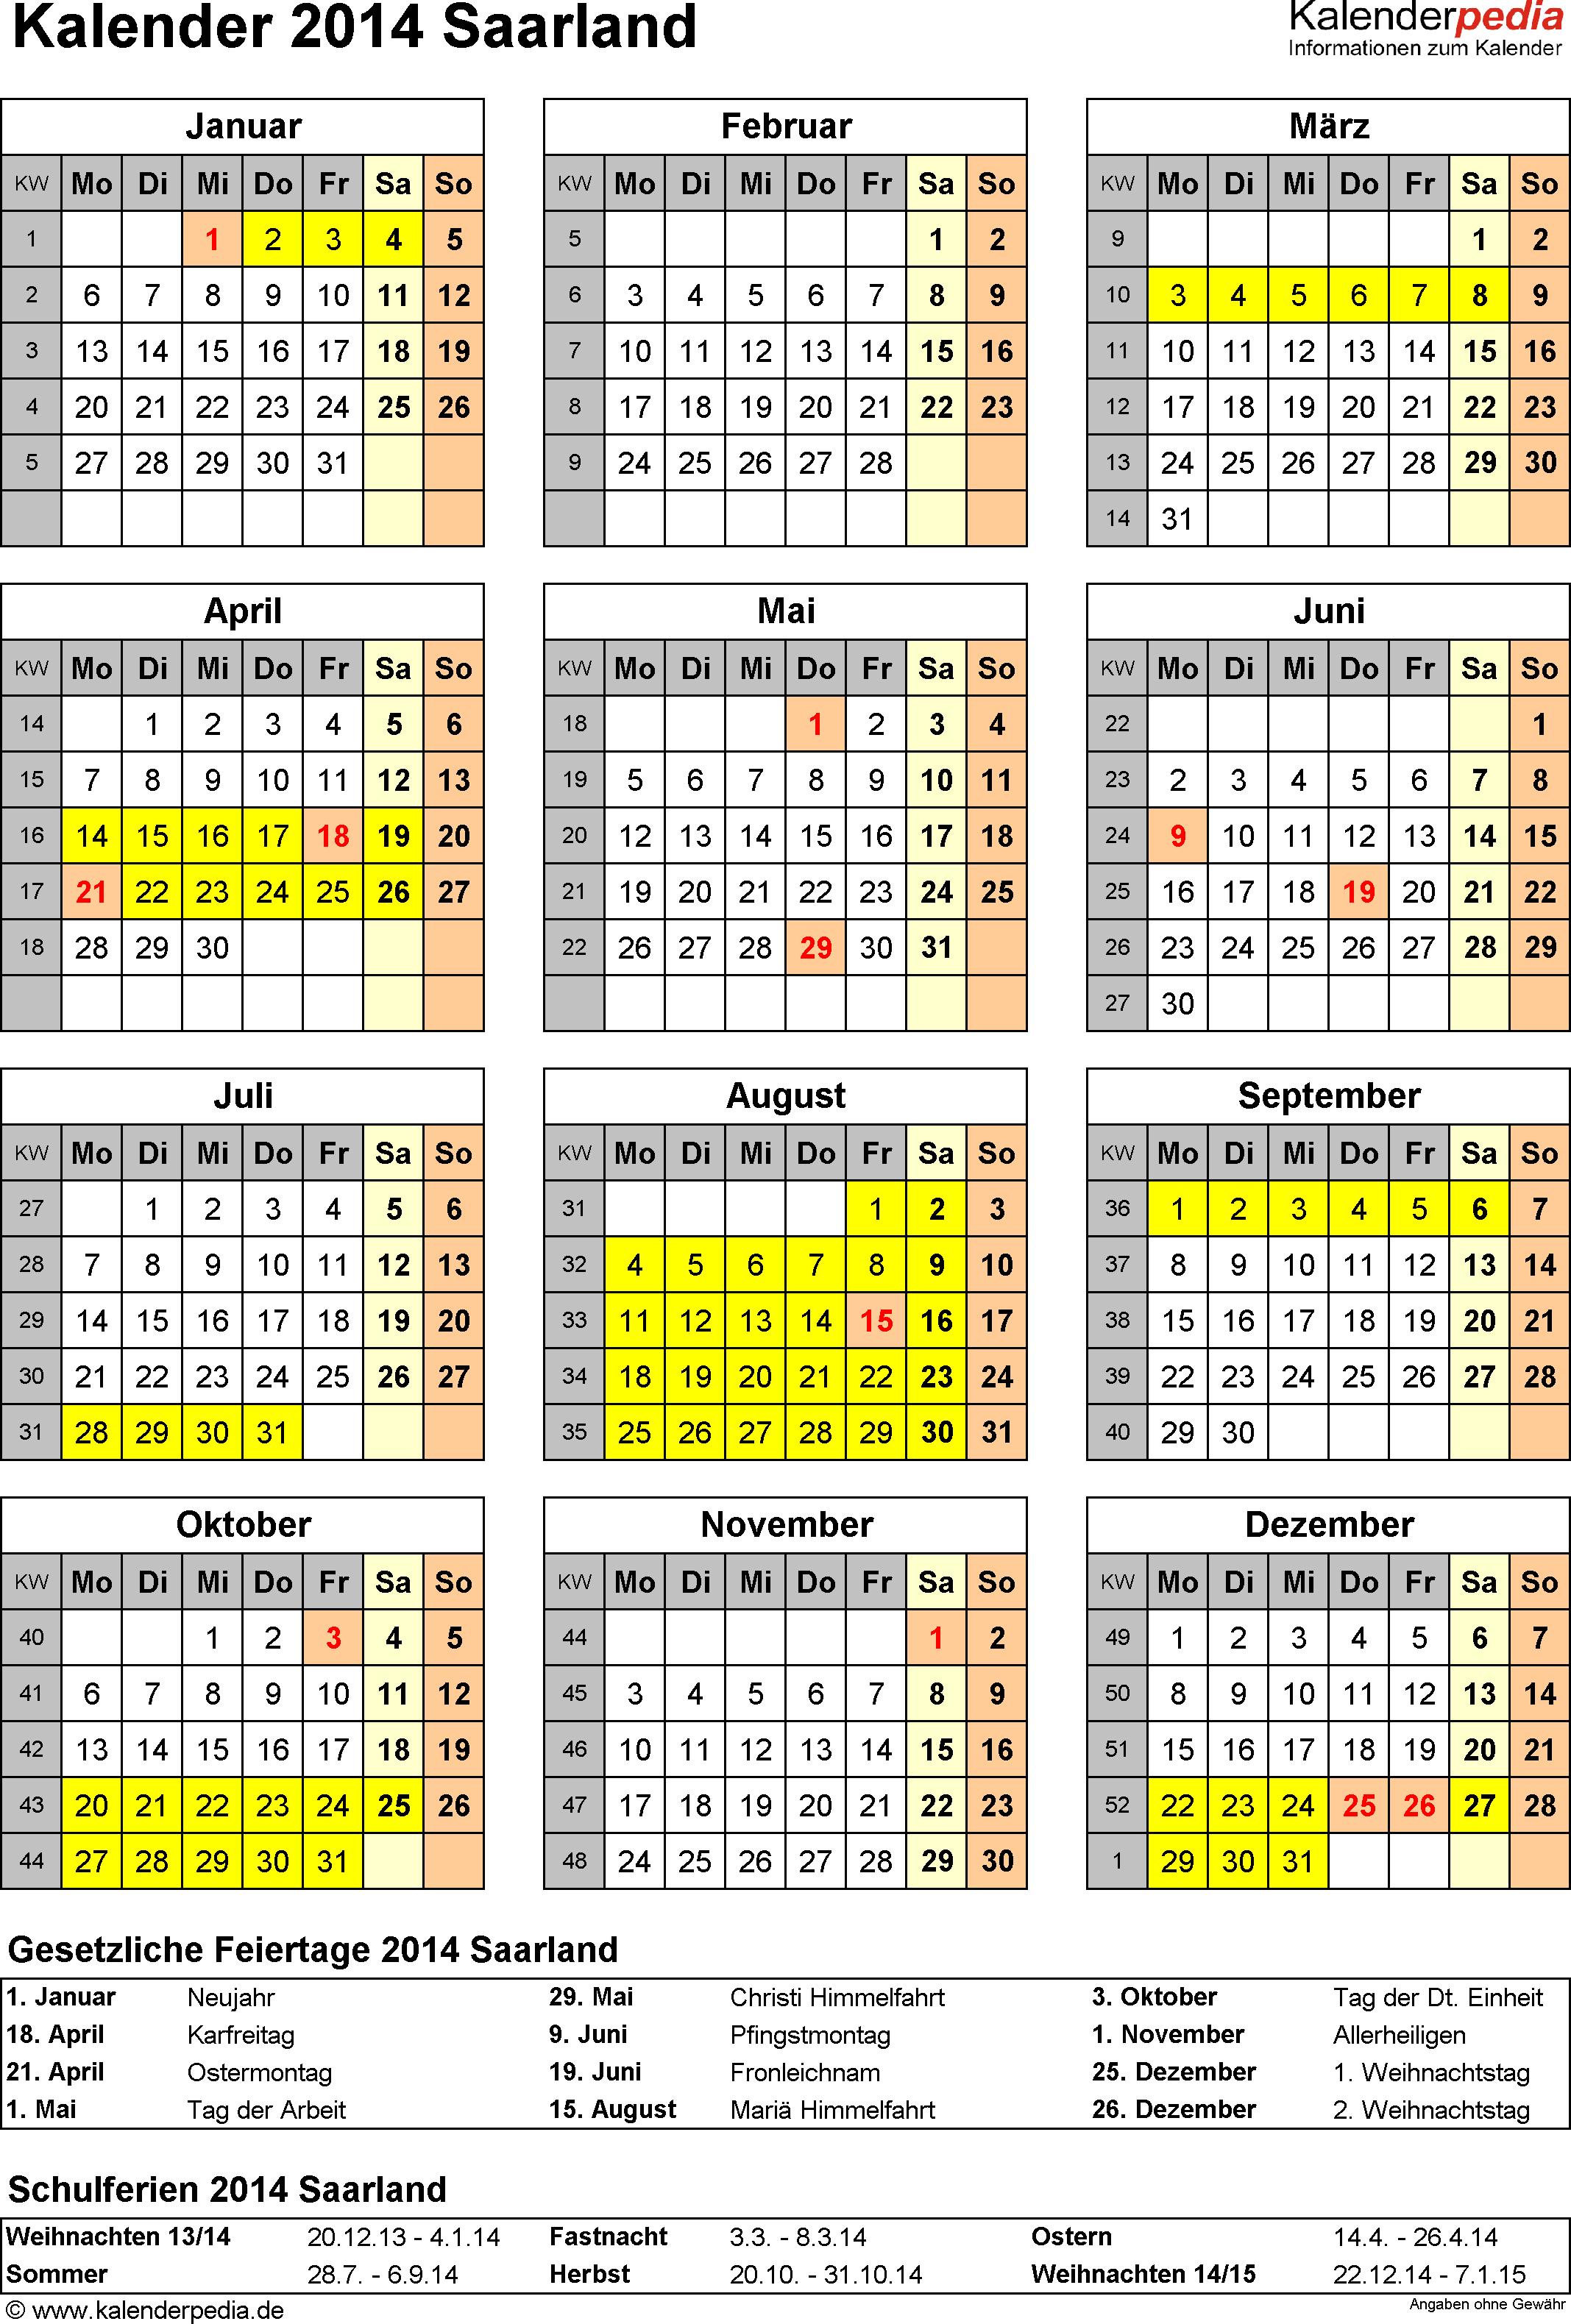 Vorlage 4: Kalender Saarland 2014 als PDF-Vorlage (Hochformat)